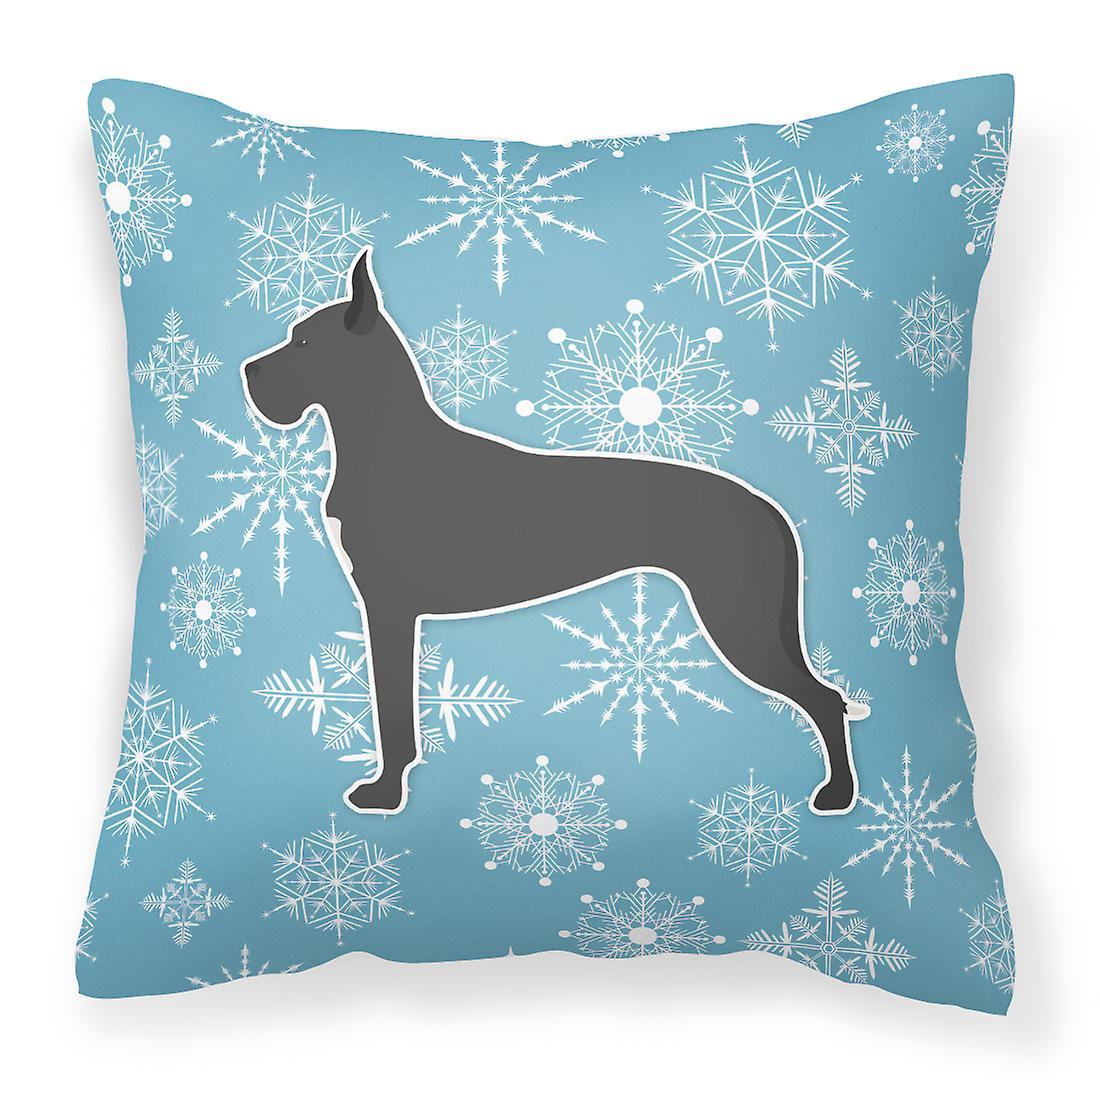 Flocon de neige hiver Dogue tissu oreiller décoratif